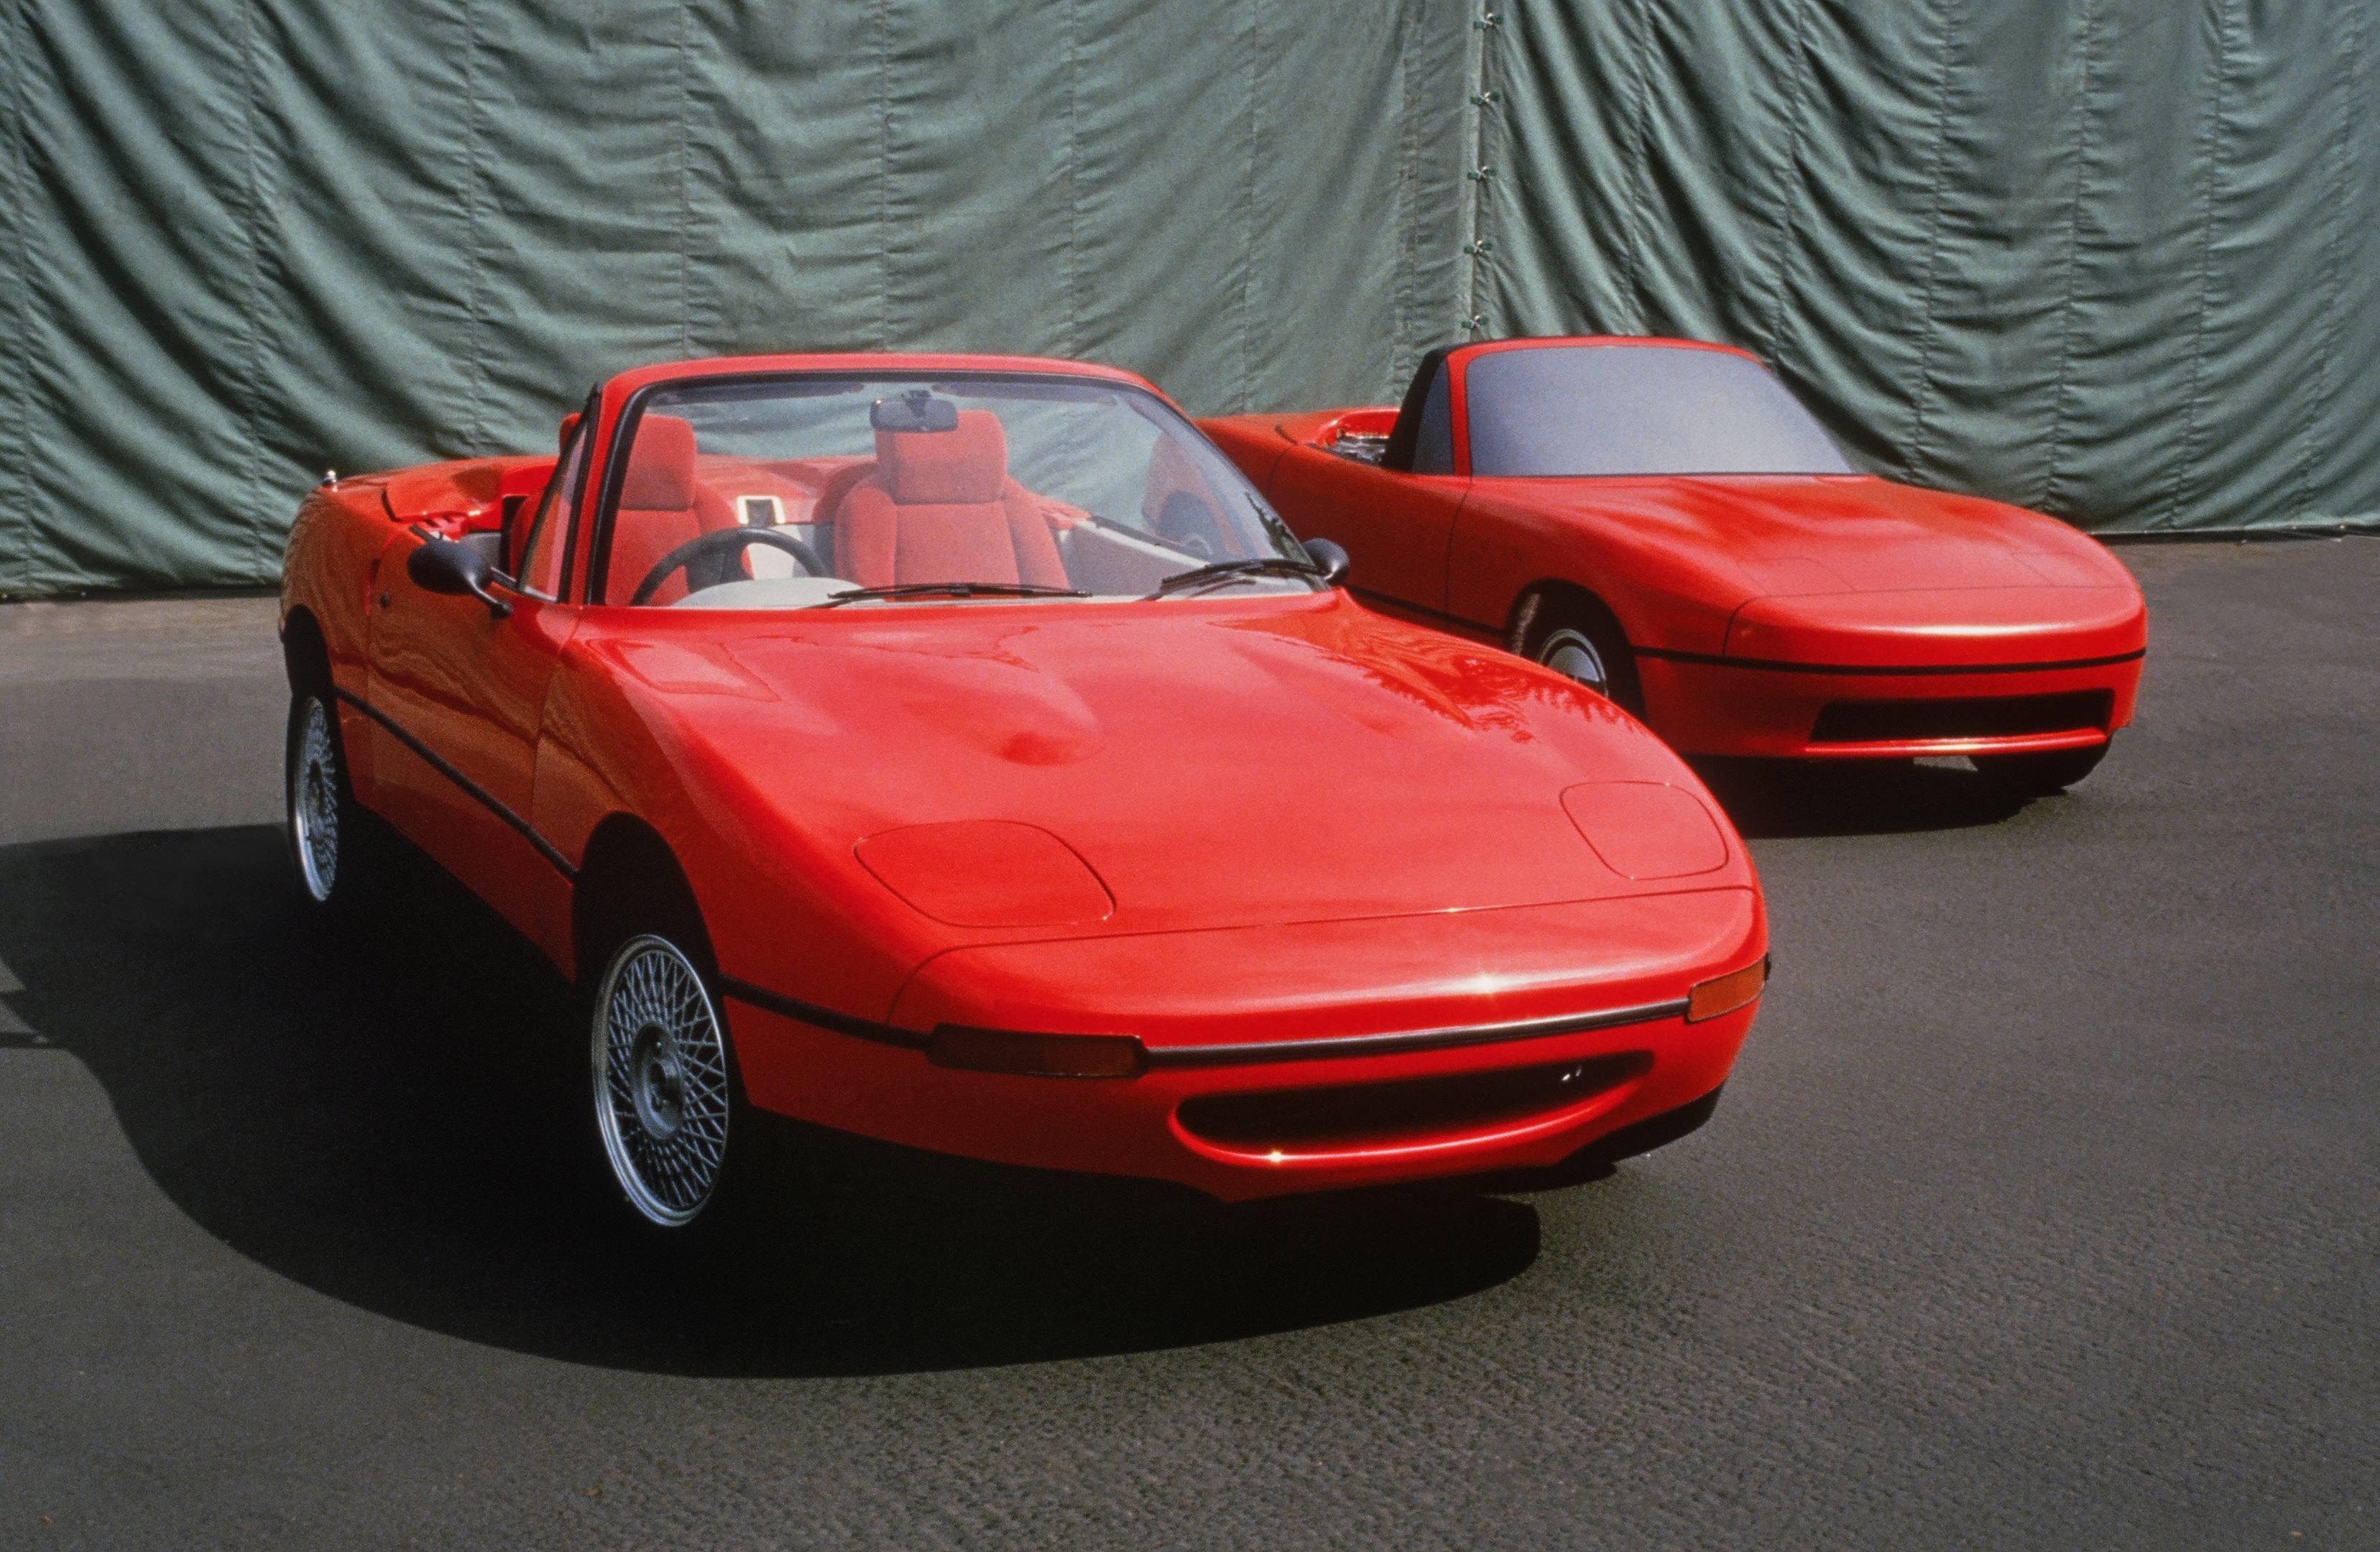 mazda mx5 miata design test two cars